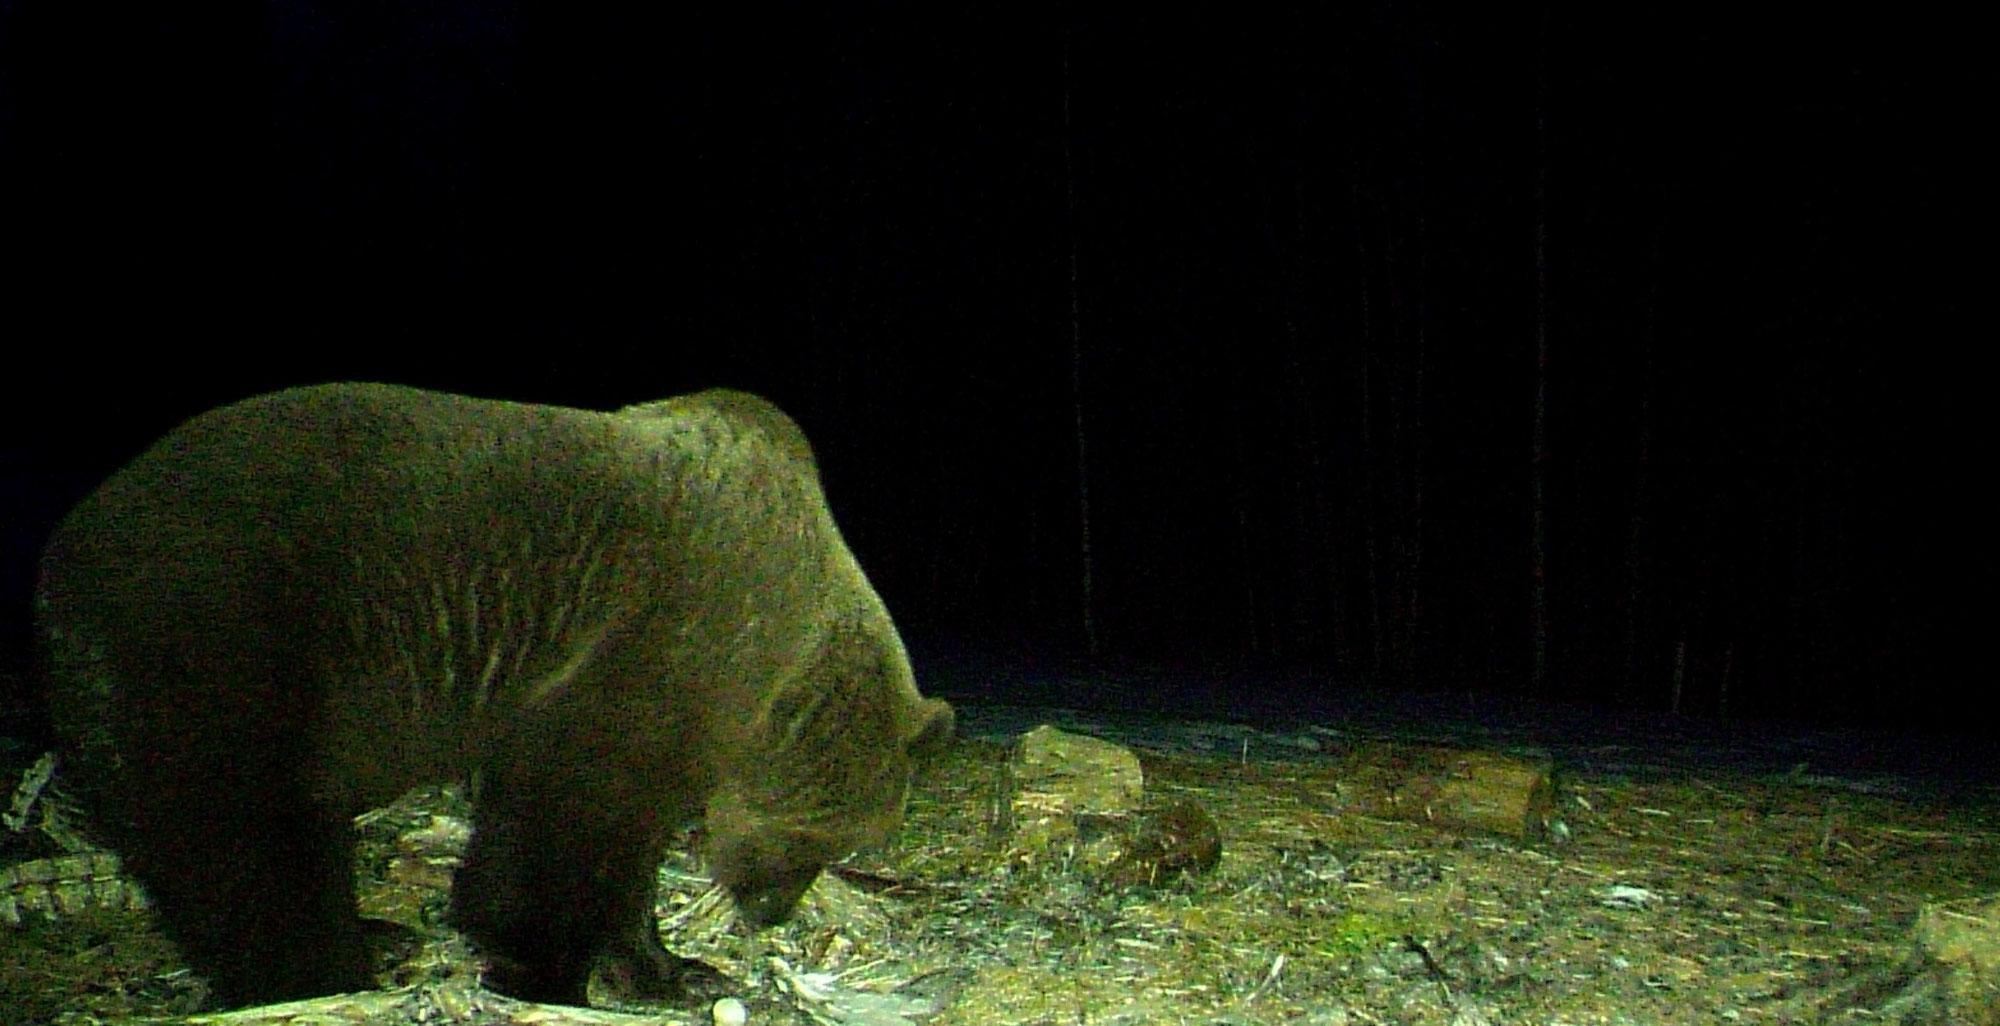 Bären - Erwachen!